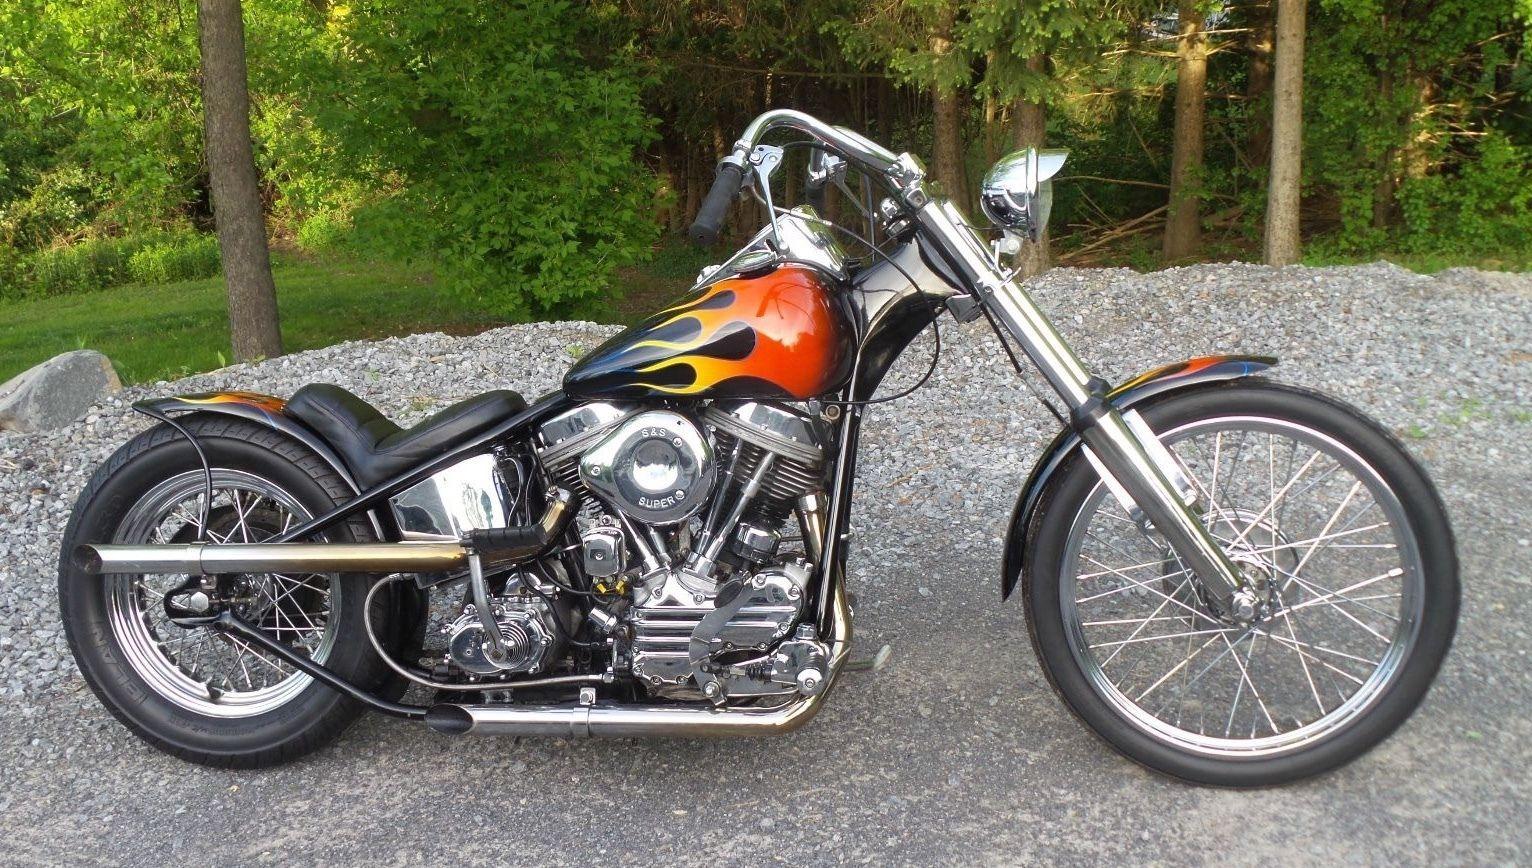 eBay: 1958 Harley-Davidson PANHEAD FL 1958 HARLEY DAVIDSON PANHEAD